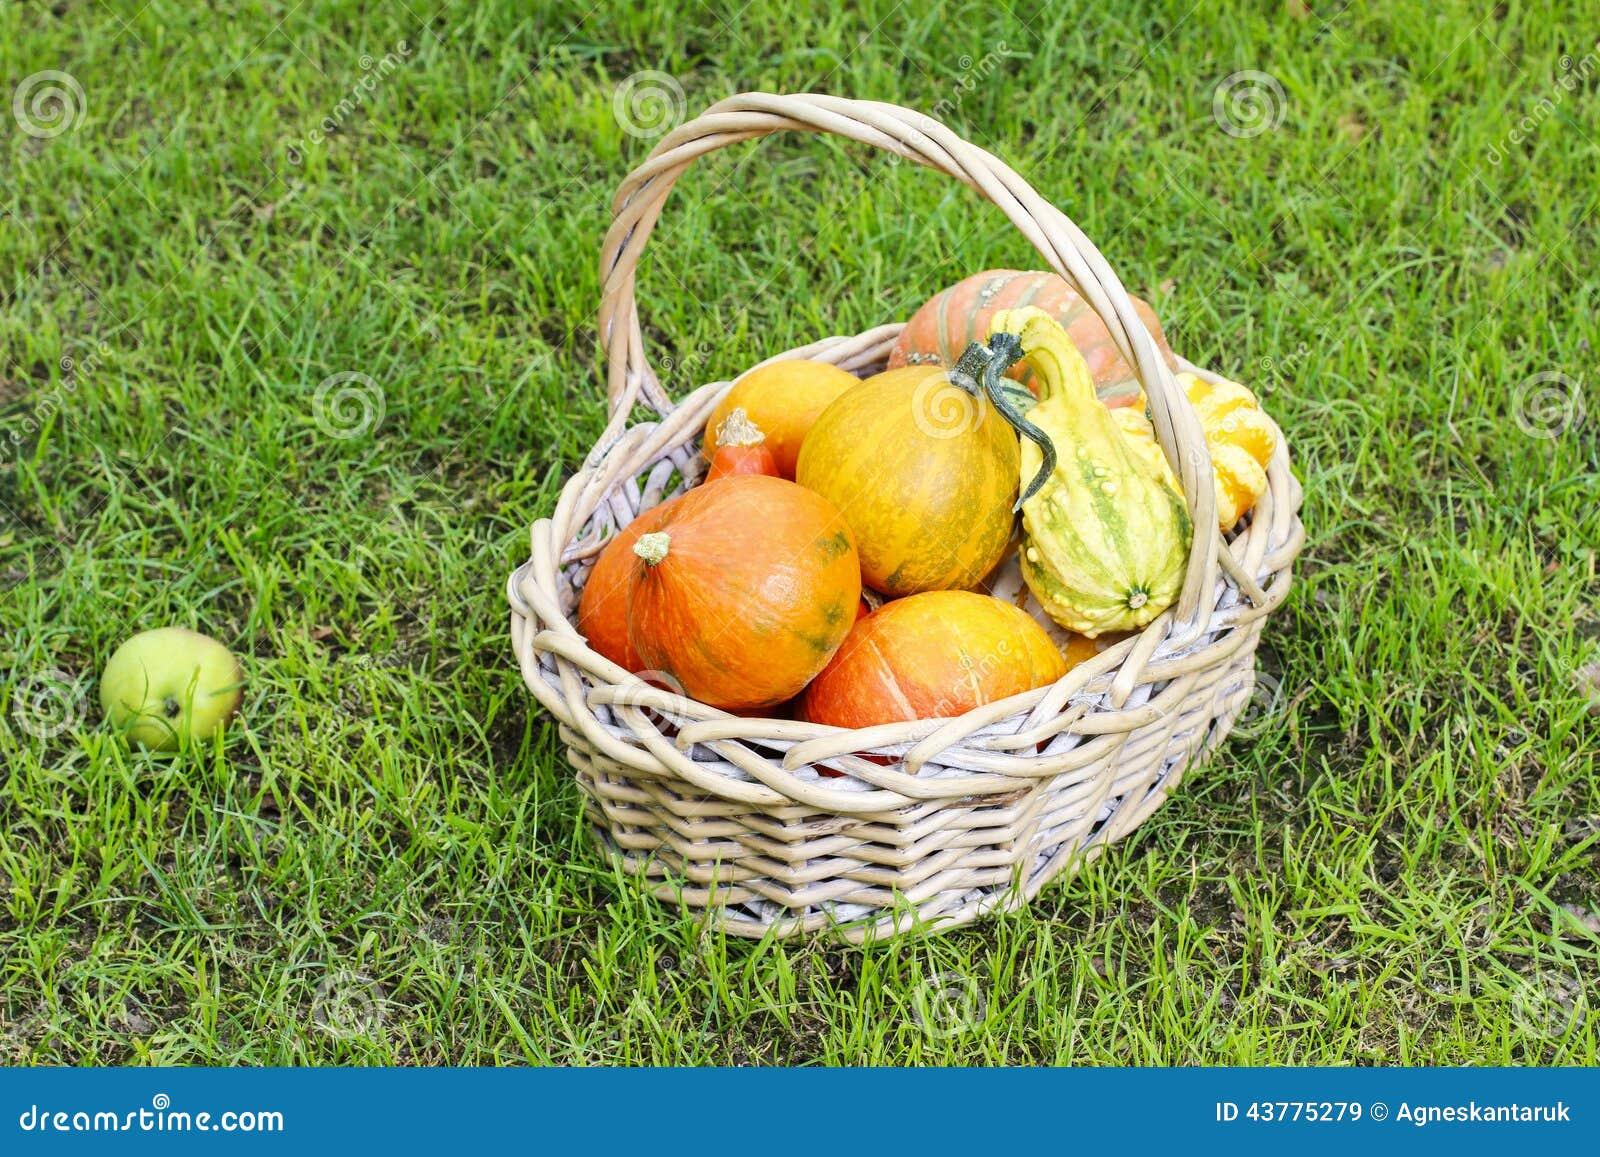 Basket of pumpkins in the garden